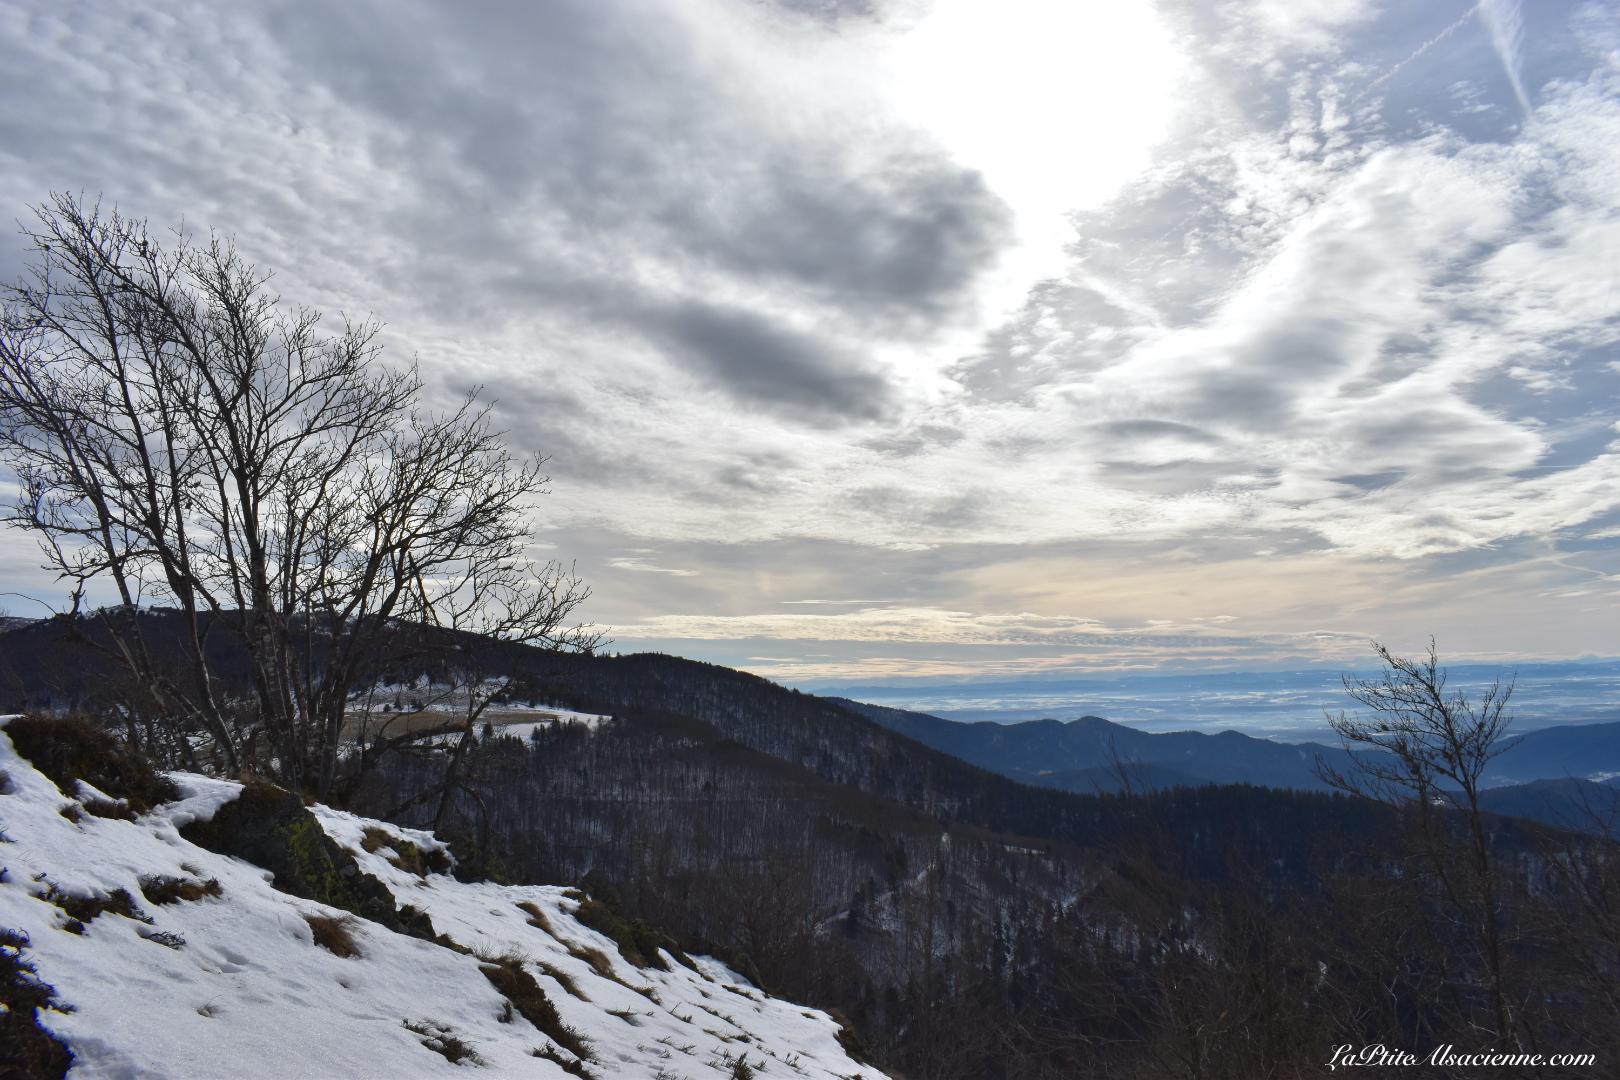 plaine d'Alsace, Forêt Noire et Alpes sur une même photo - Randonnée du 16 février 2021 par Cendrine Miesch dite LaPtiteAlsacienne